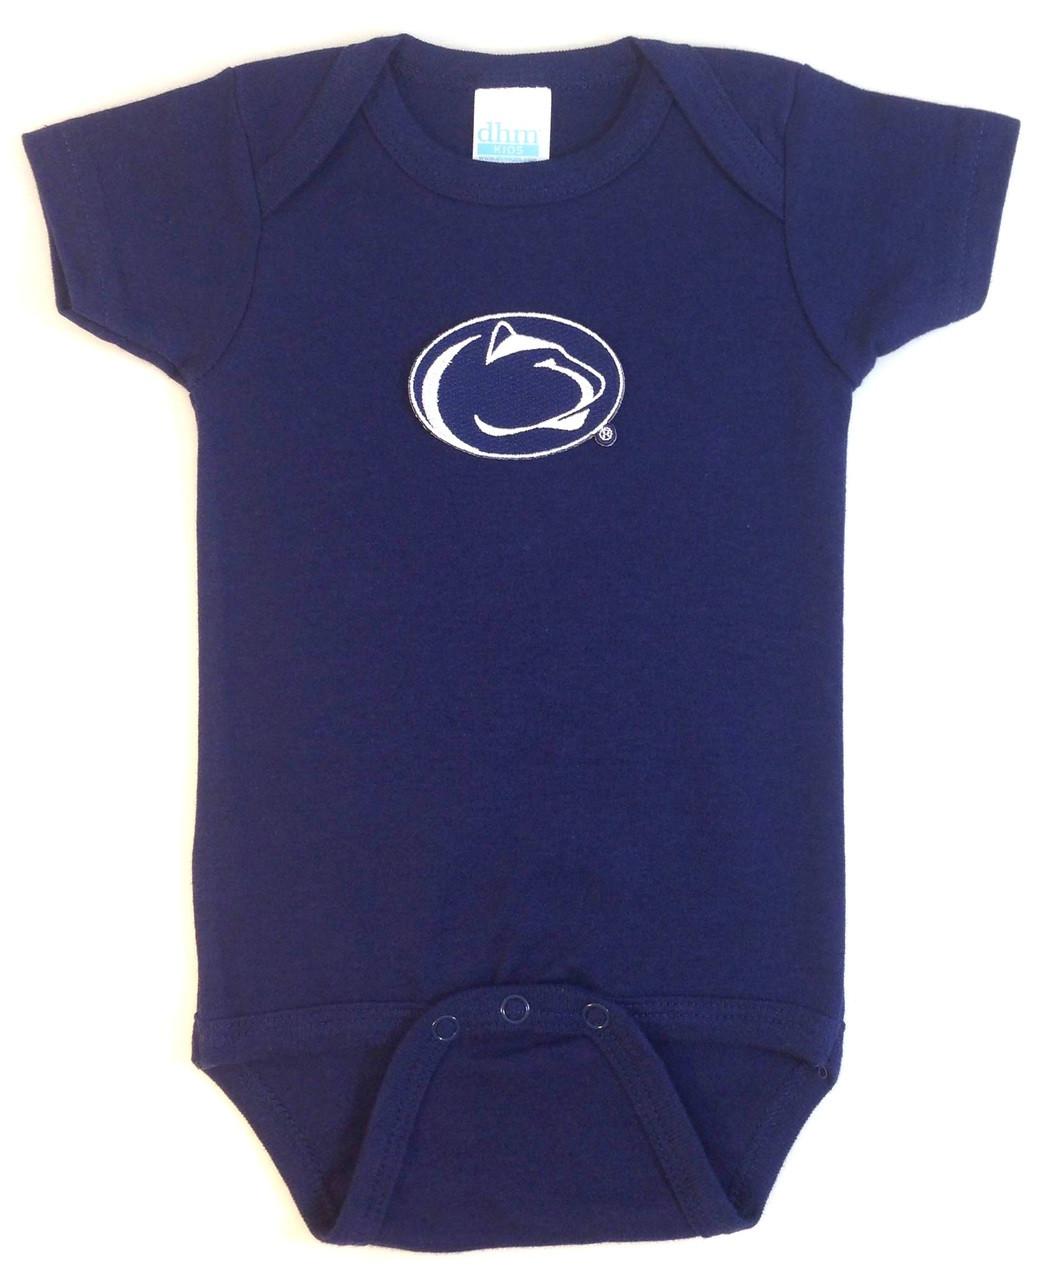 0b239474e Penn State Nittany Lions Team Spirit Baby Onesie. Loading zoom